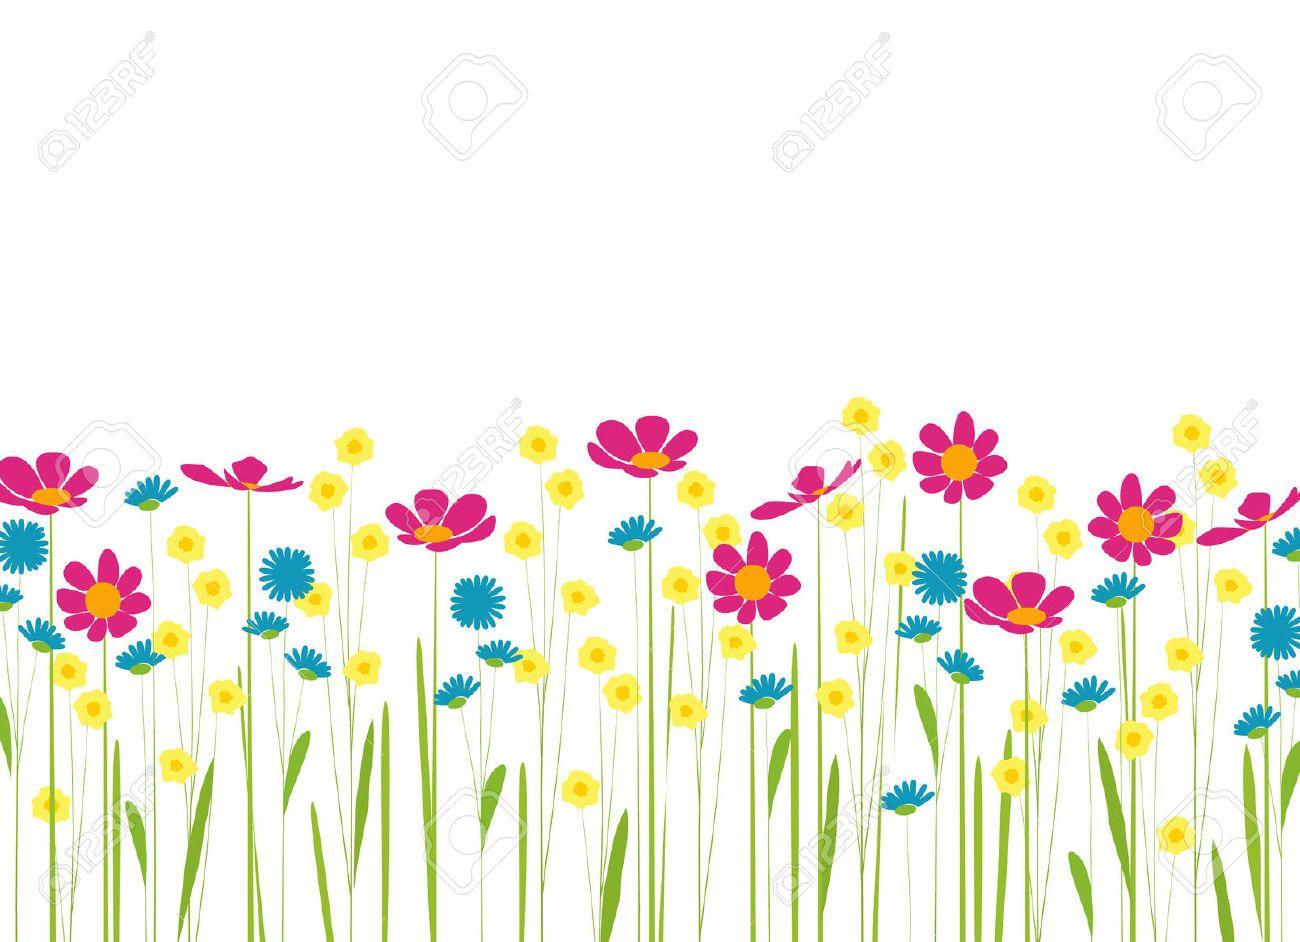 Flores En Dibujo A Color: Prado Con Flores De Colores De Dibujos Animados